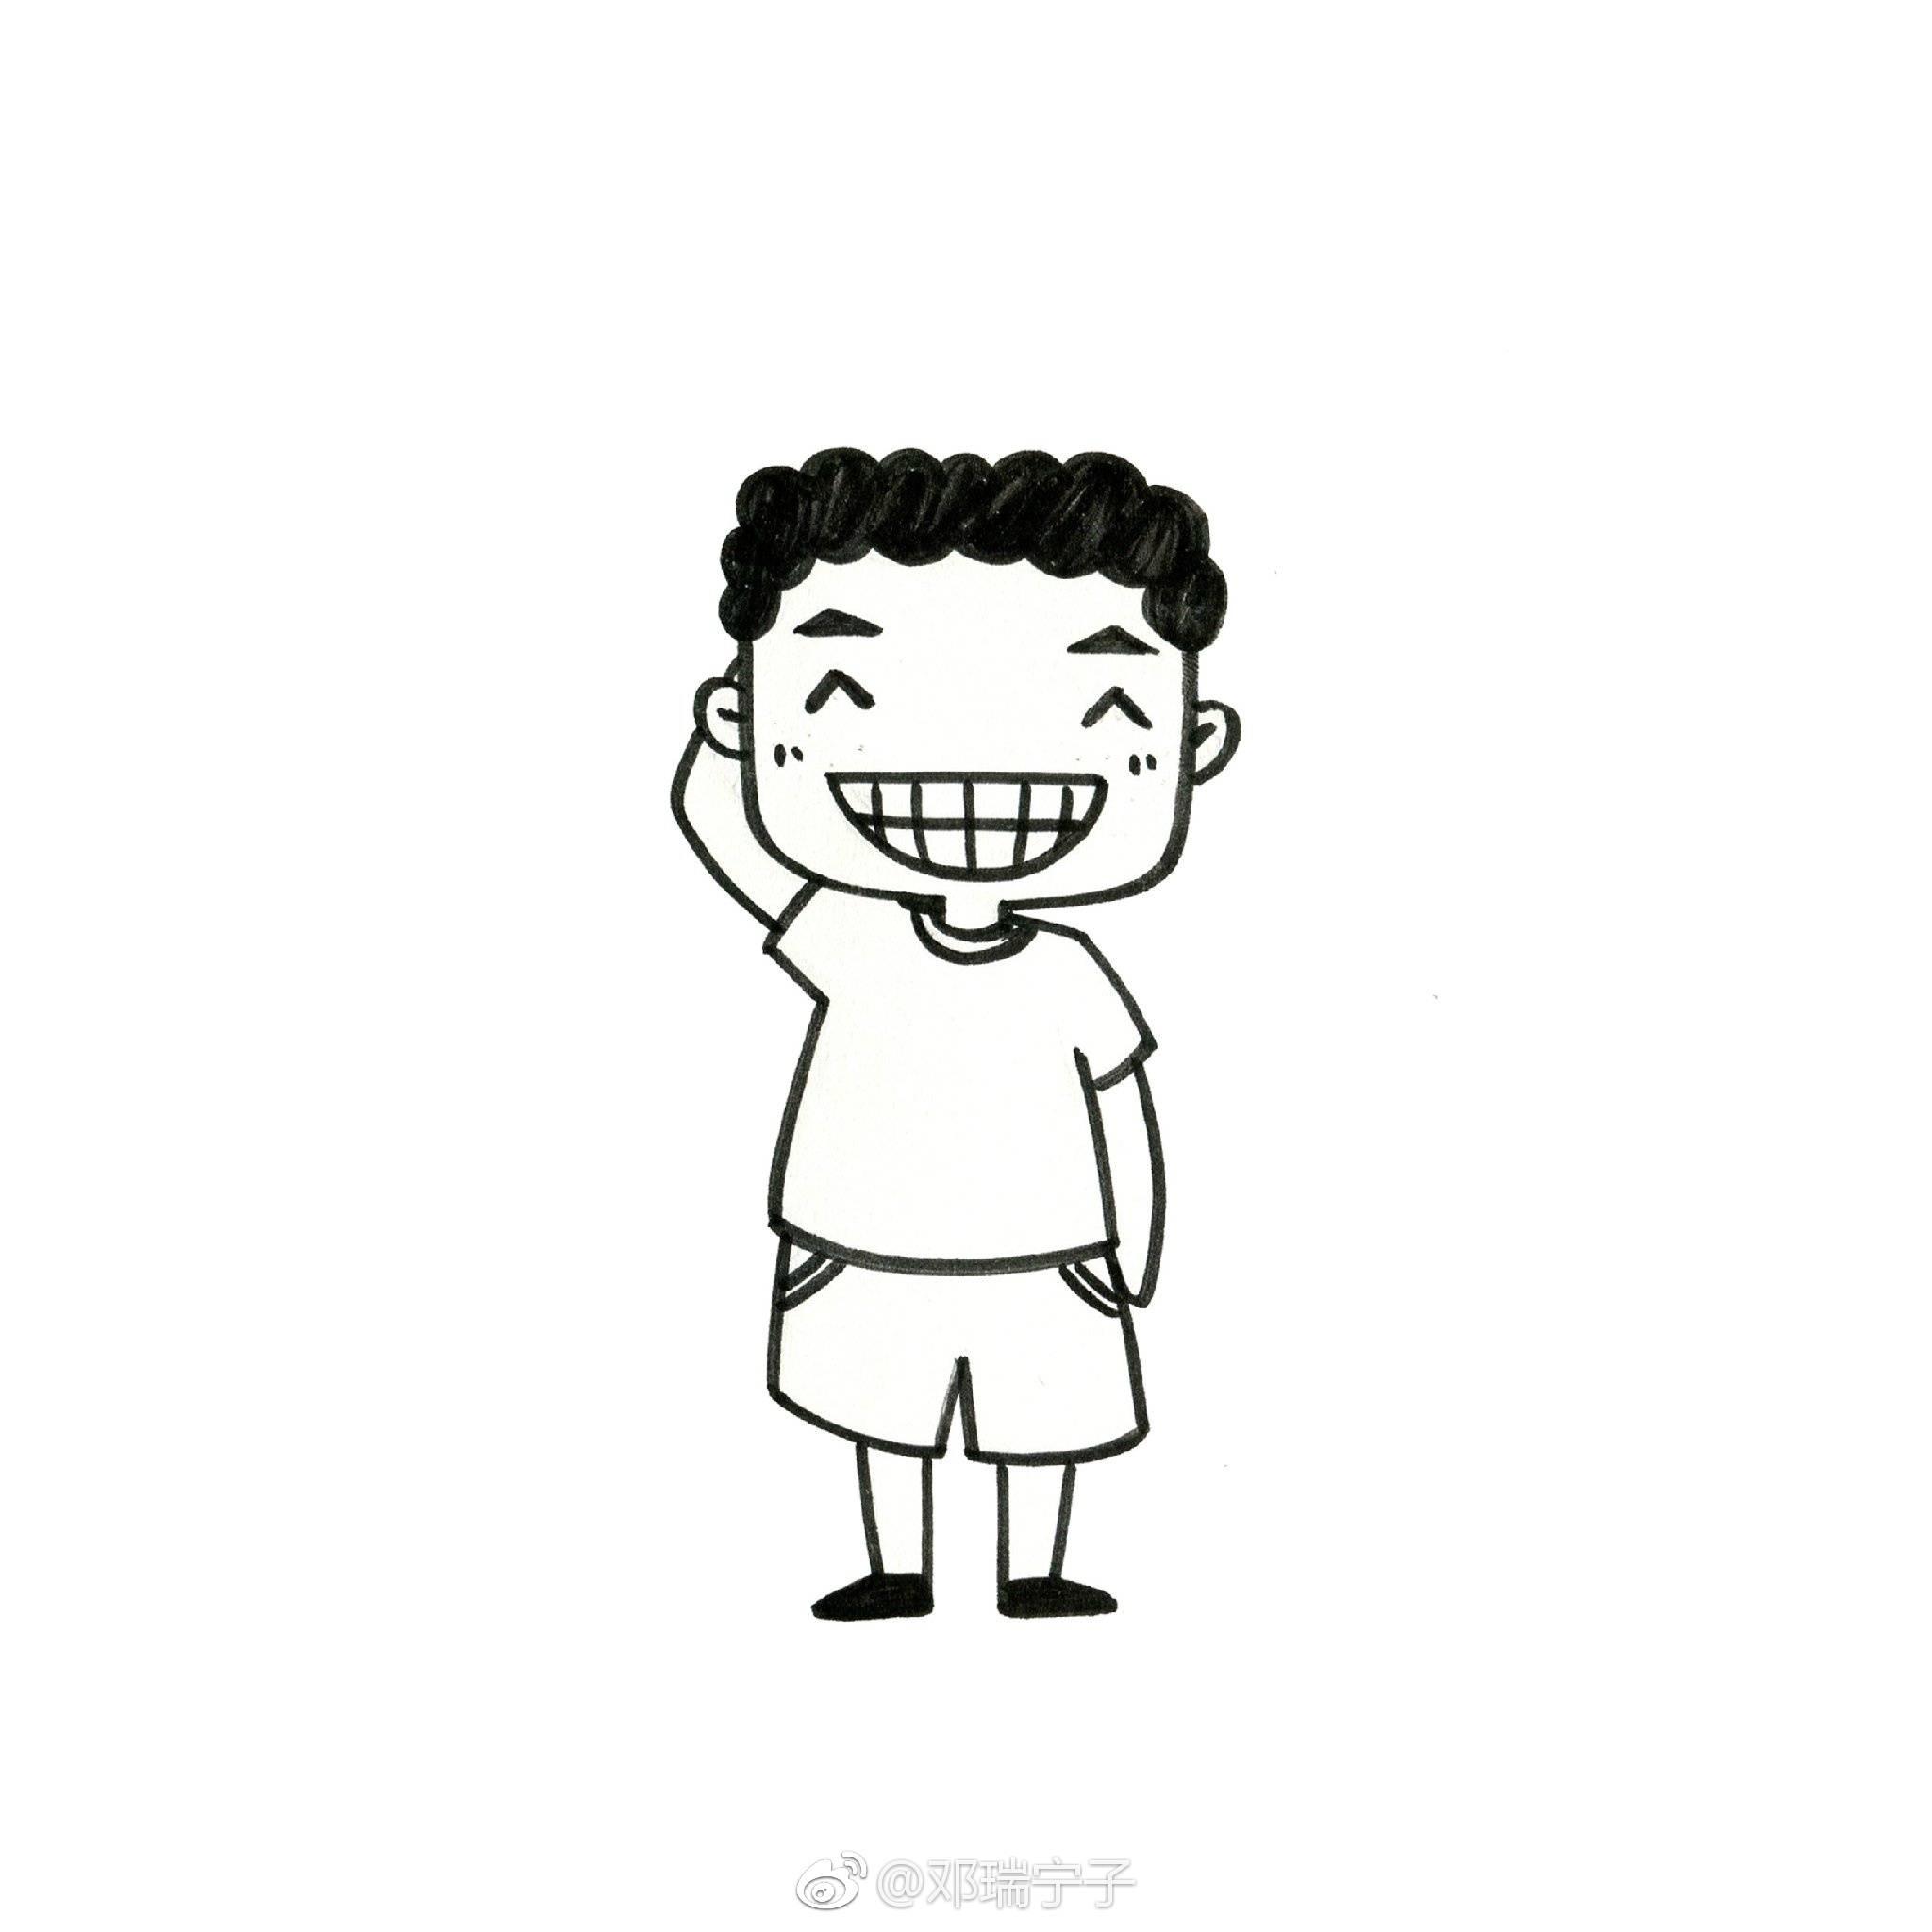 九个萌萌哒黑白简笔画小人物画像~图中哪个比较像你?